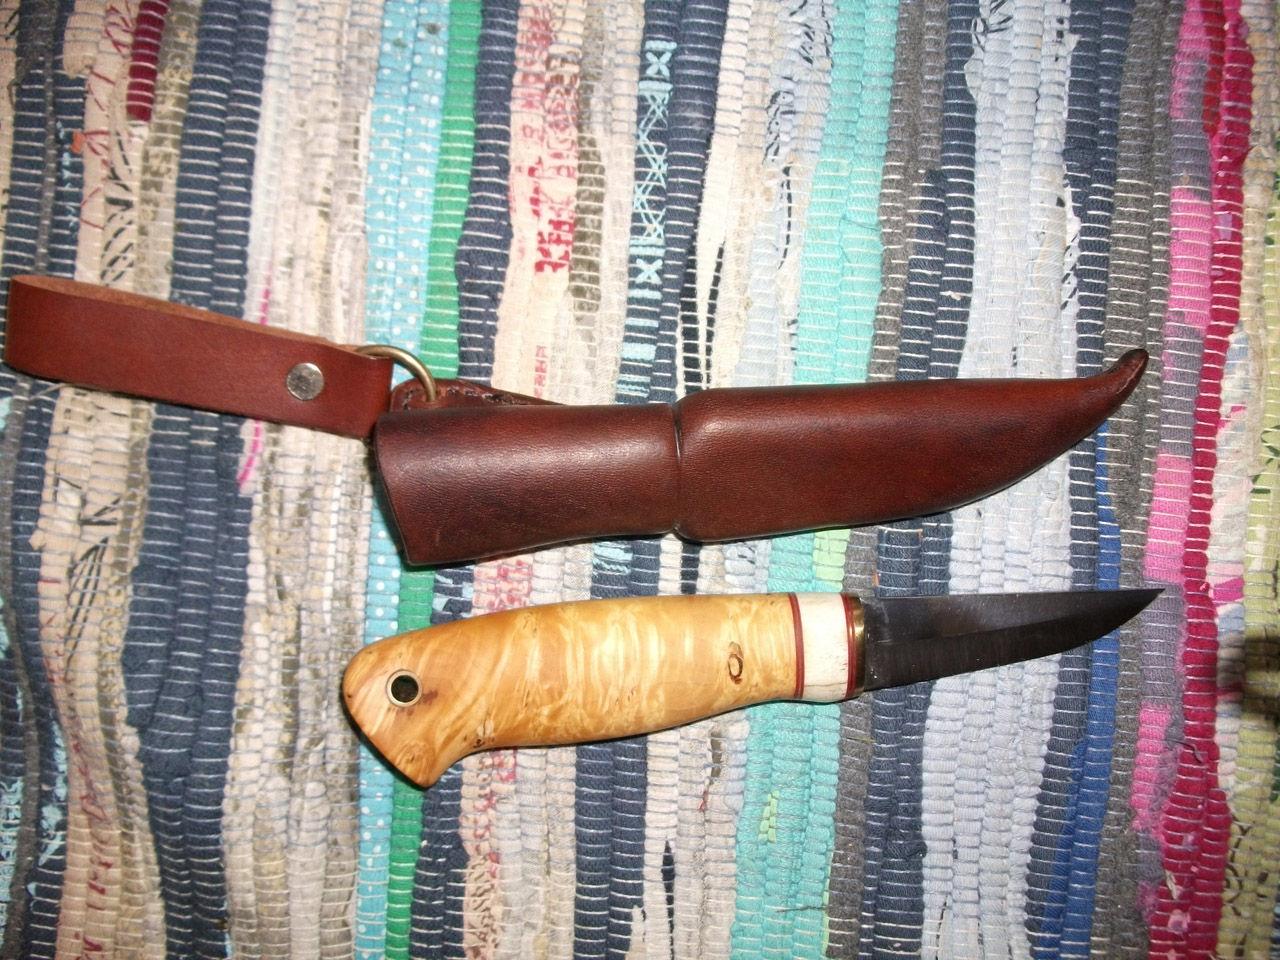 Ручка на нож своими руками из рогов лося   Достойный подарок другу или делаем рукоять для ножа из рога 143